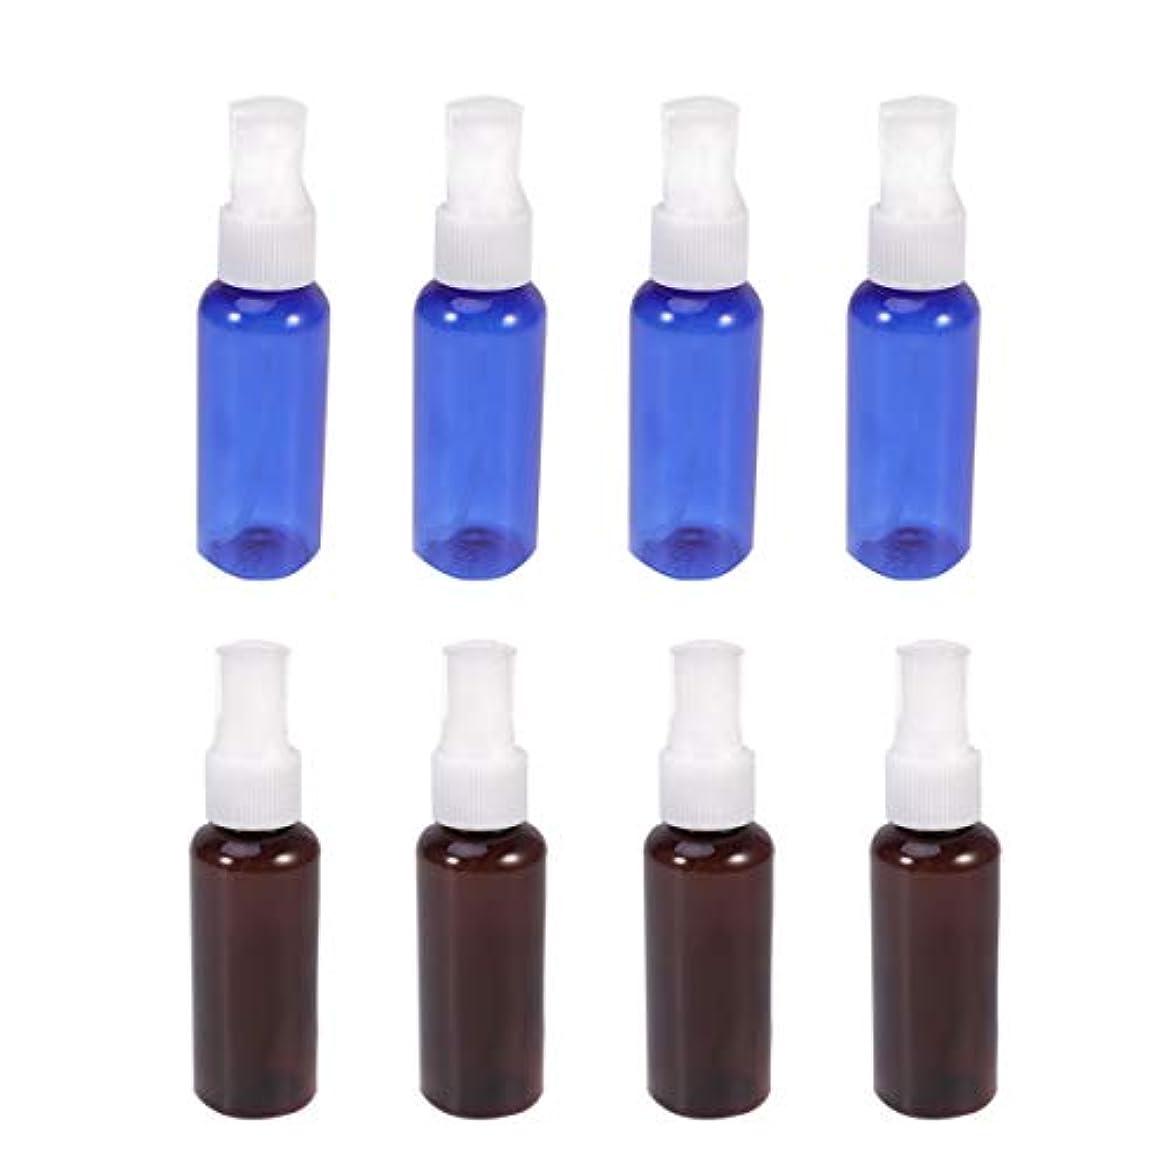 静脈手当バンクLurrose 8個50 mlプラスチックスプレーボトルミニ空の香水瓶空の香水ポンプボトル(青と茶色)